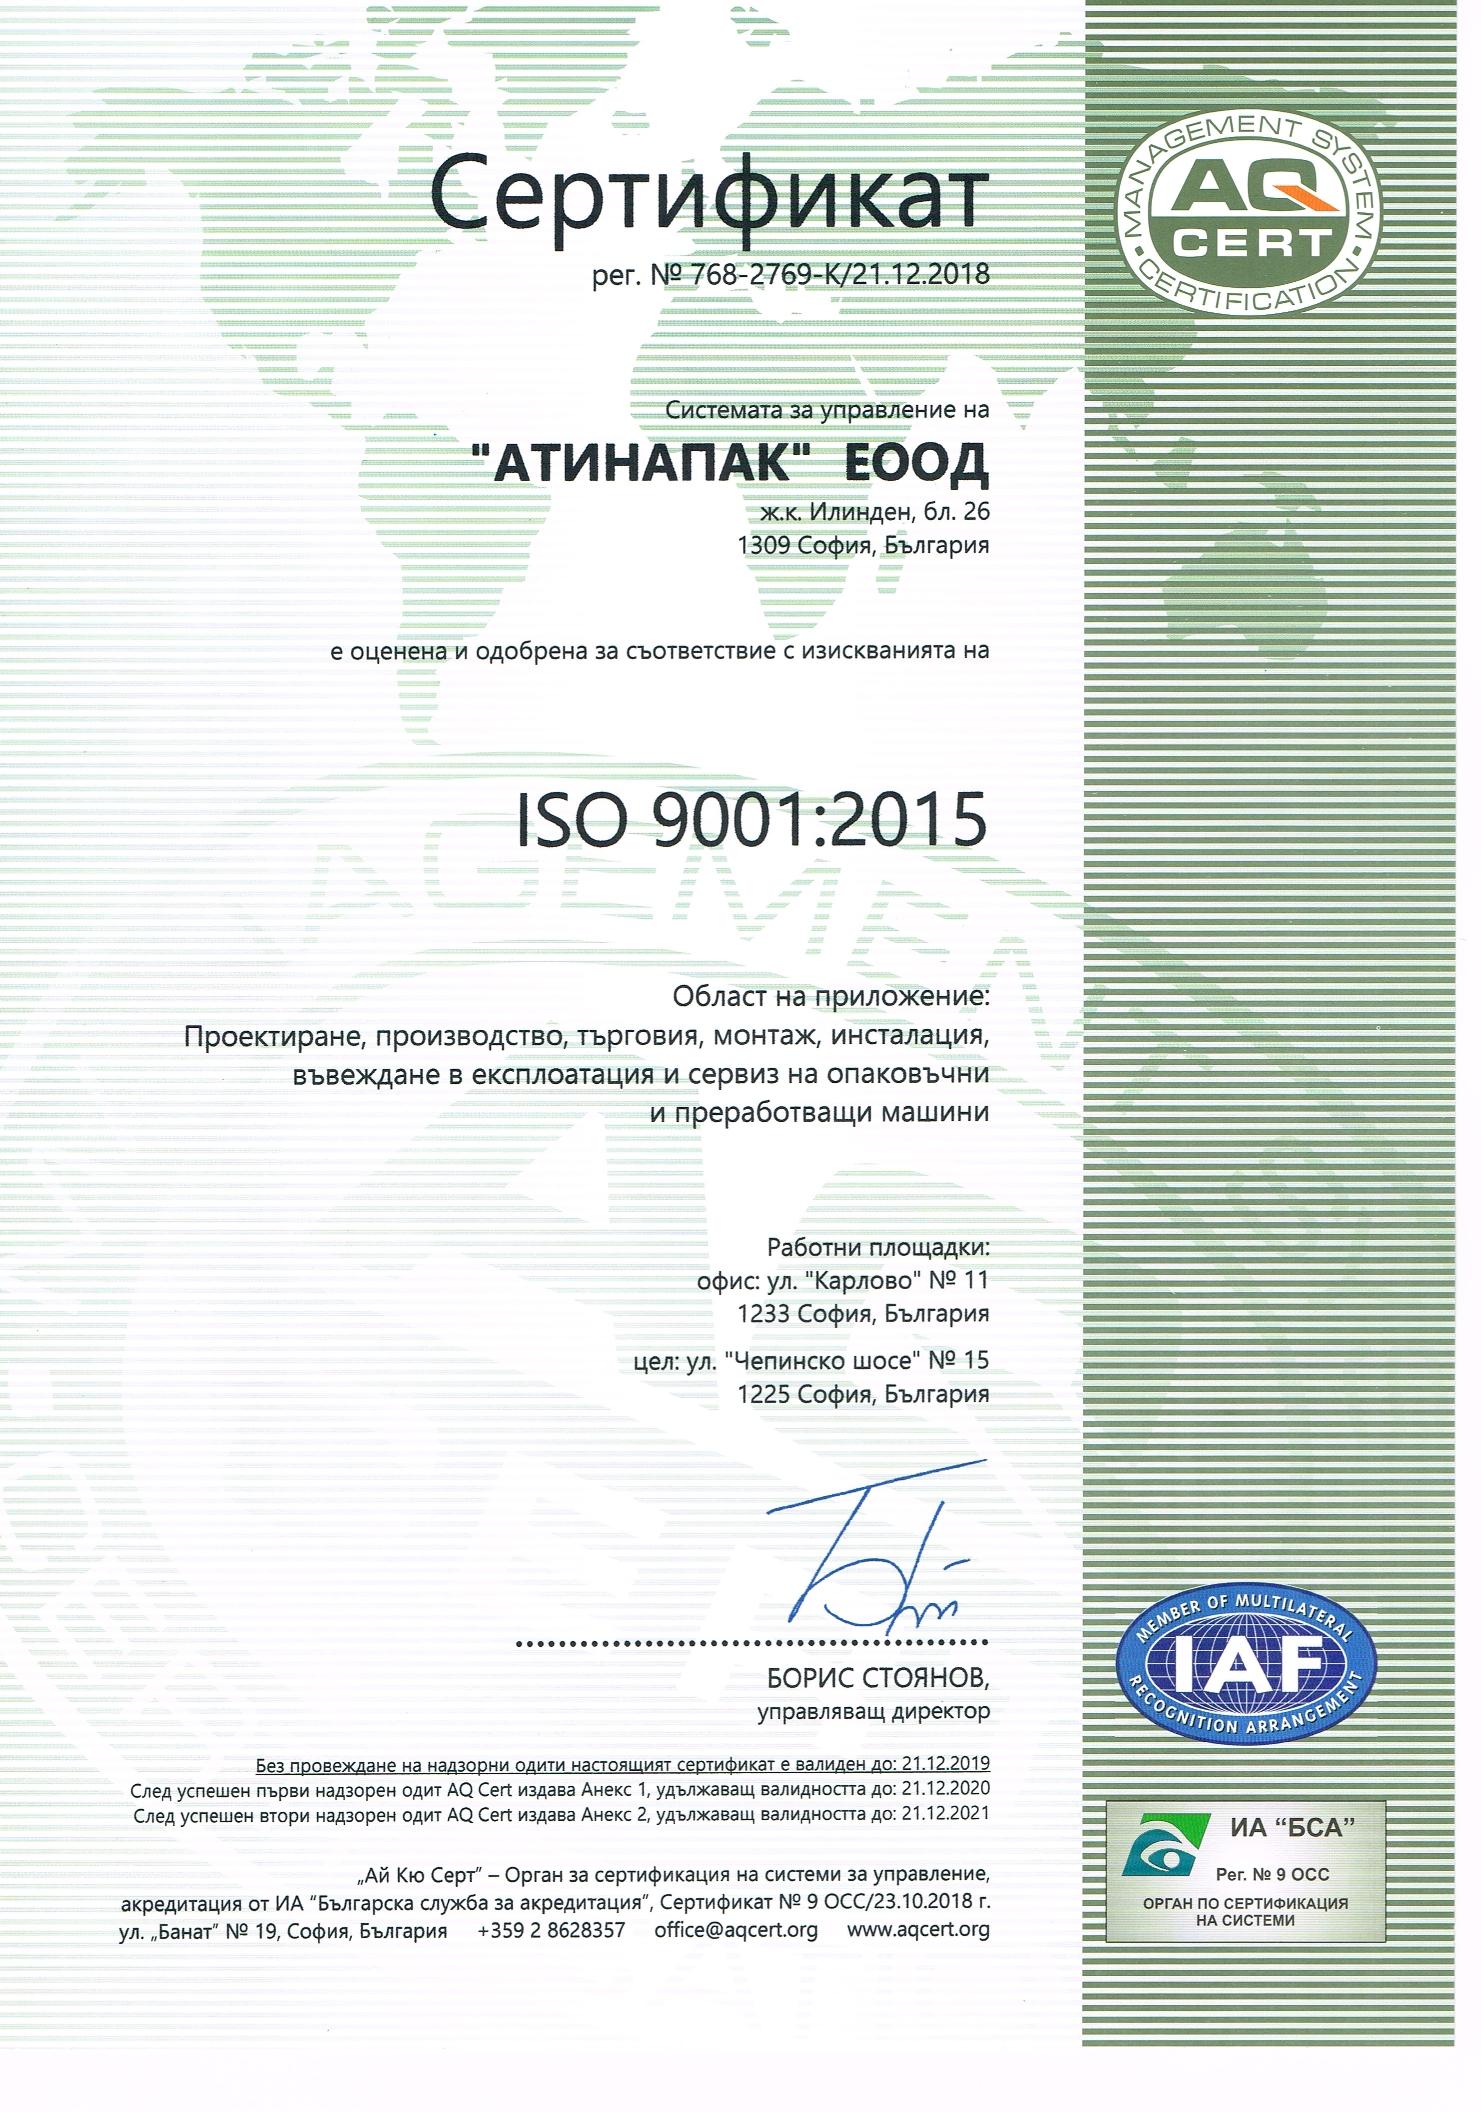 Сертификат за качество ИСО 9001